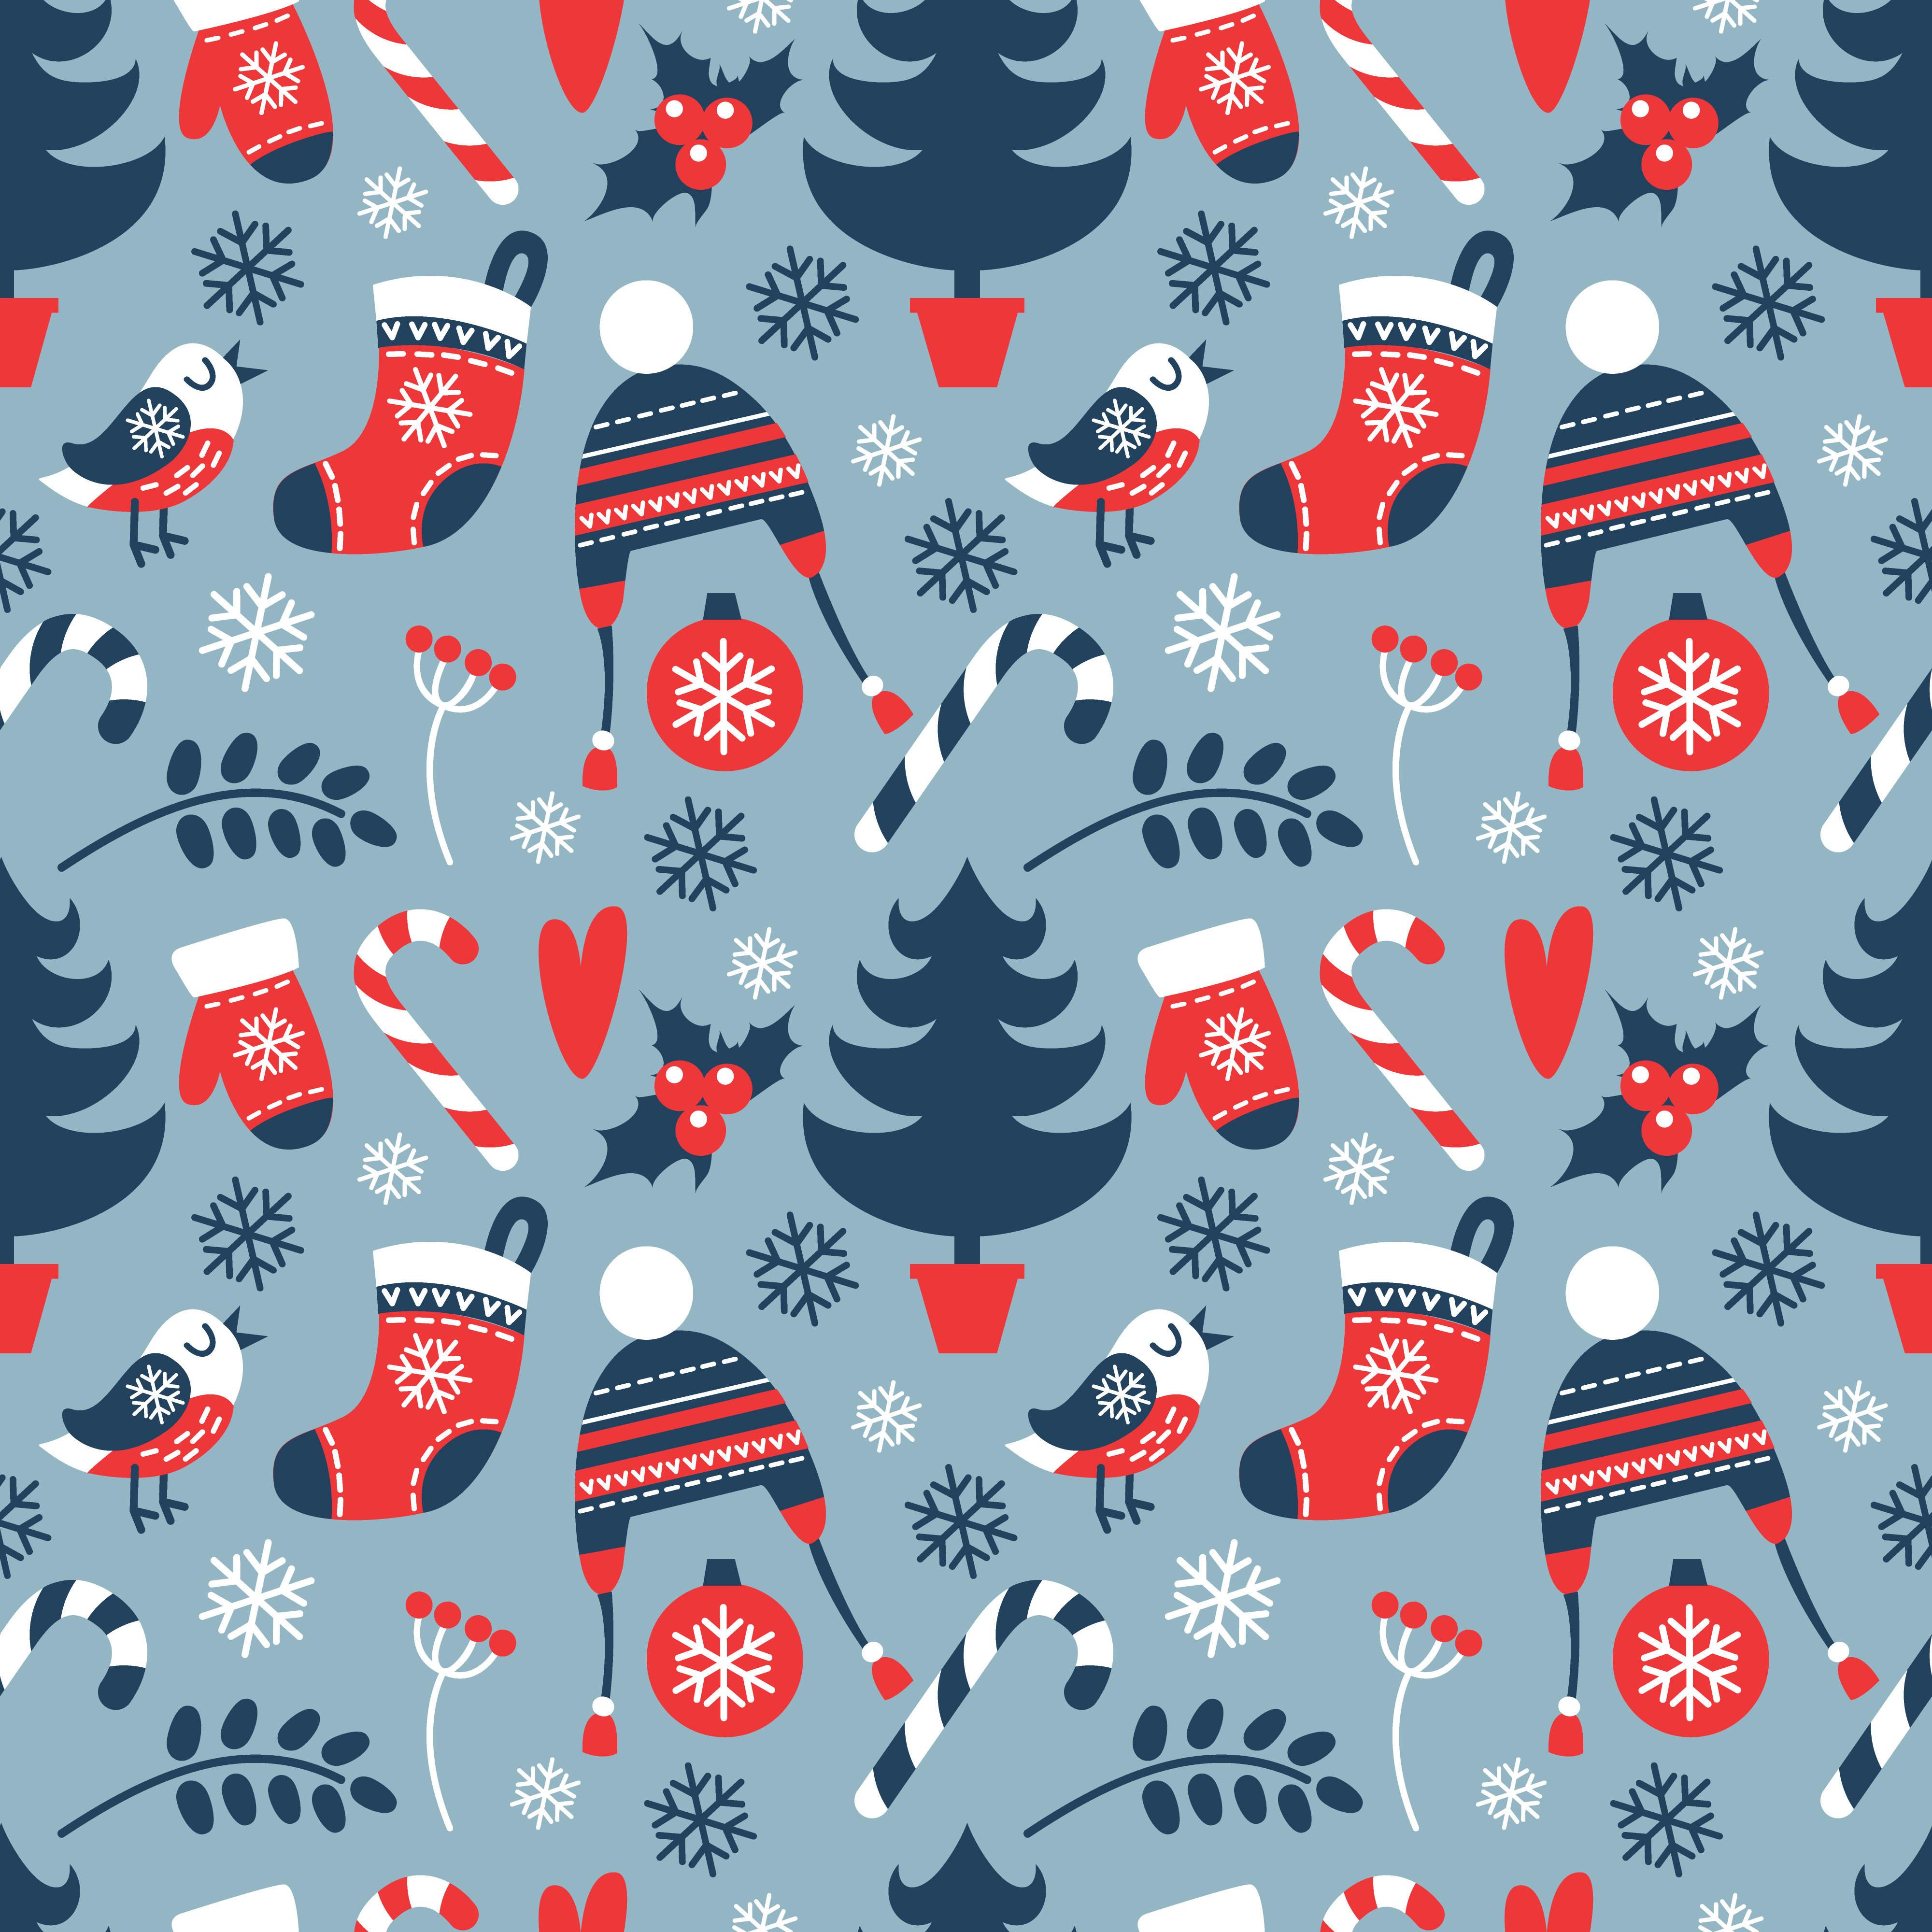 Noël : votre goodies idéal se cache dans notre sélection !